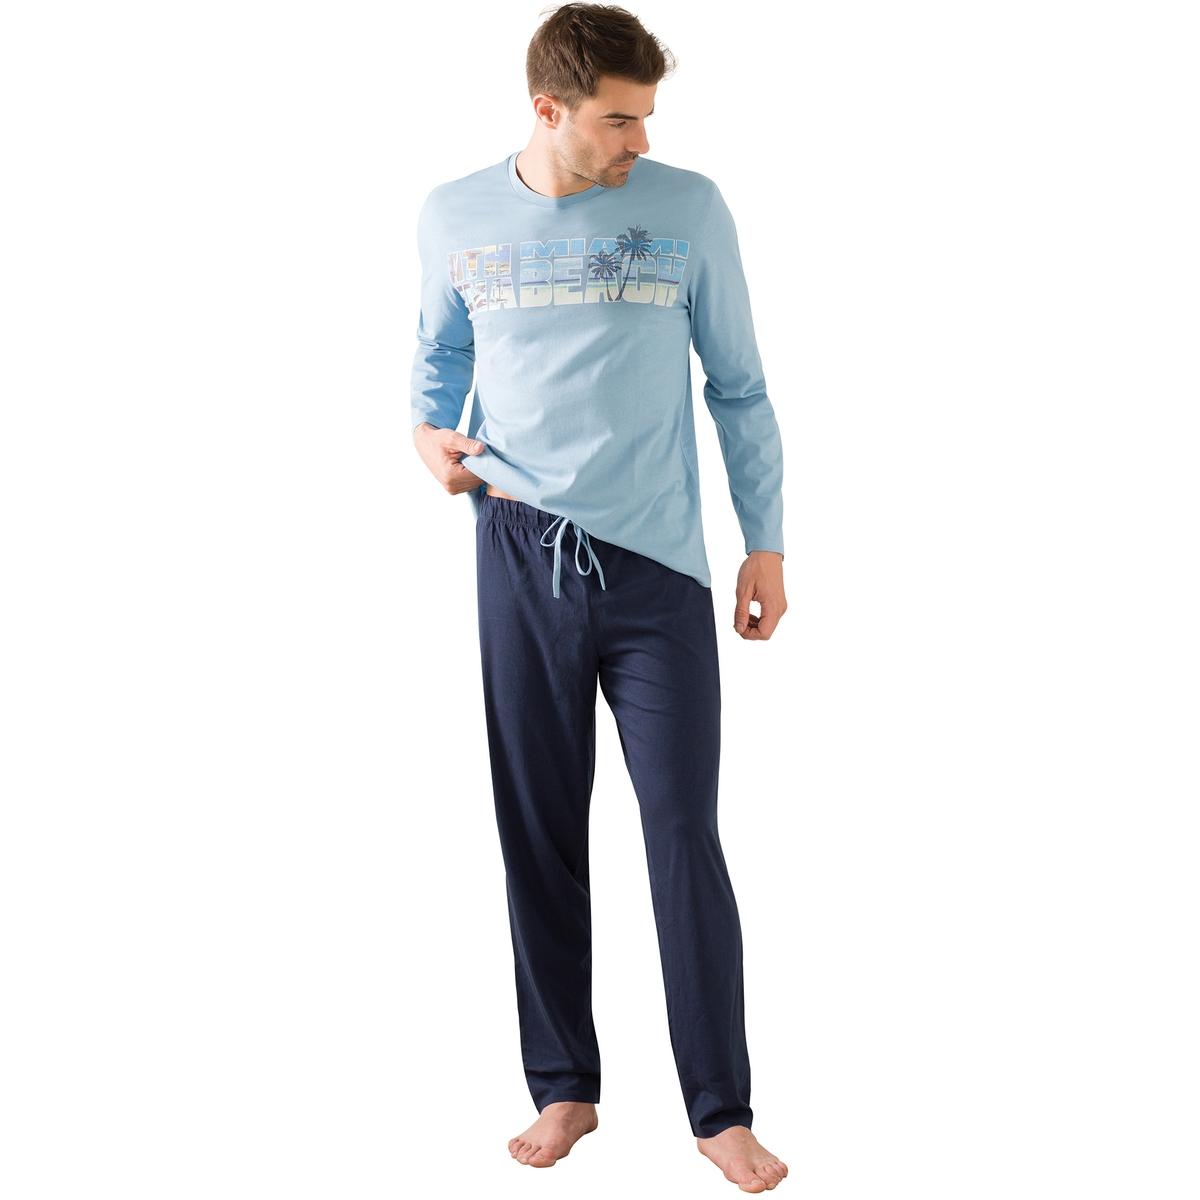 Пижама длинная, нагрудный рисунокОписание:Длинная и комфортная пижама для мужчин с нагрудным рисунком в стиле Miami Beach : длинная пижама от Athena для мужчин!Состав и описание :Пижама длинная. Футболка с рисунком и длинными рукавами. Круглый вырезБрюки с эластичным поясом и на завязках.Материал : 100% хлопок. Джерси. Марка: ATHENA.Уход :Стирать при 40° с вещами схожих цветов.Стирка и глажка с изнаночной стороны.Машинная сушка запрещена.<br><br>Цвет: синий/темно-синий<br>Размер: M.XL